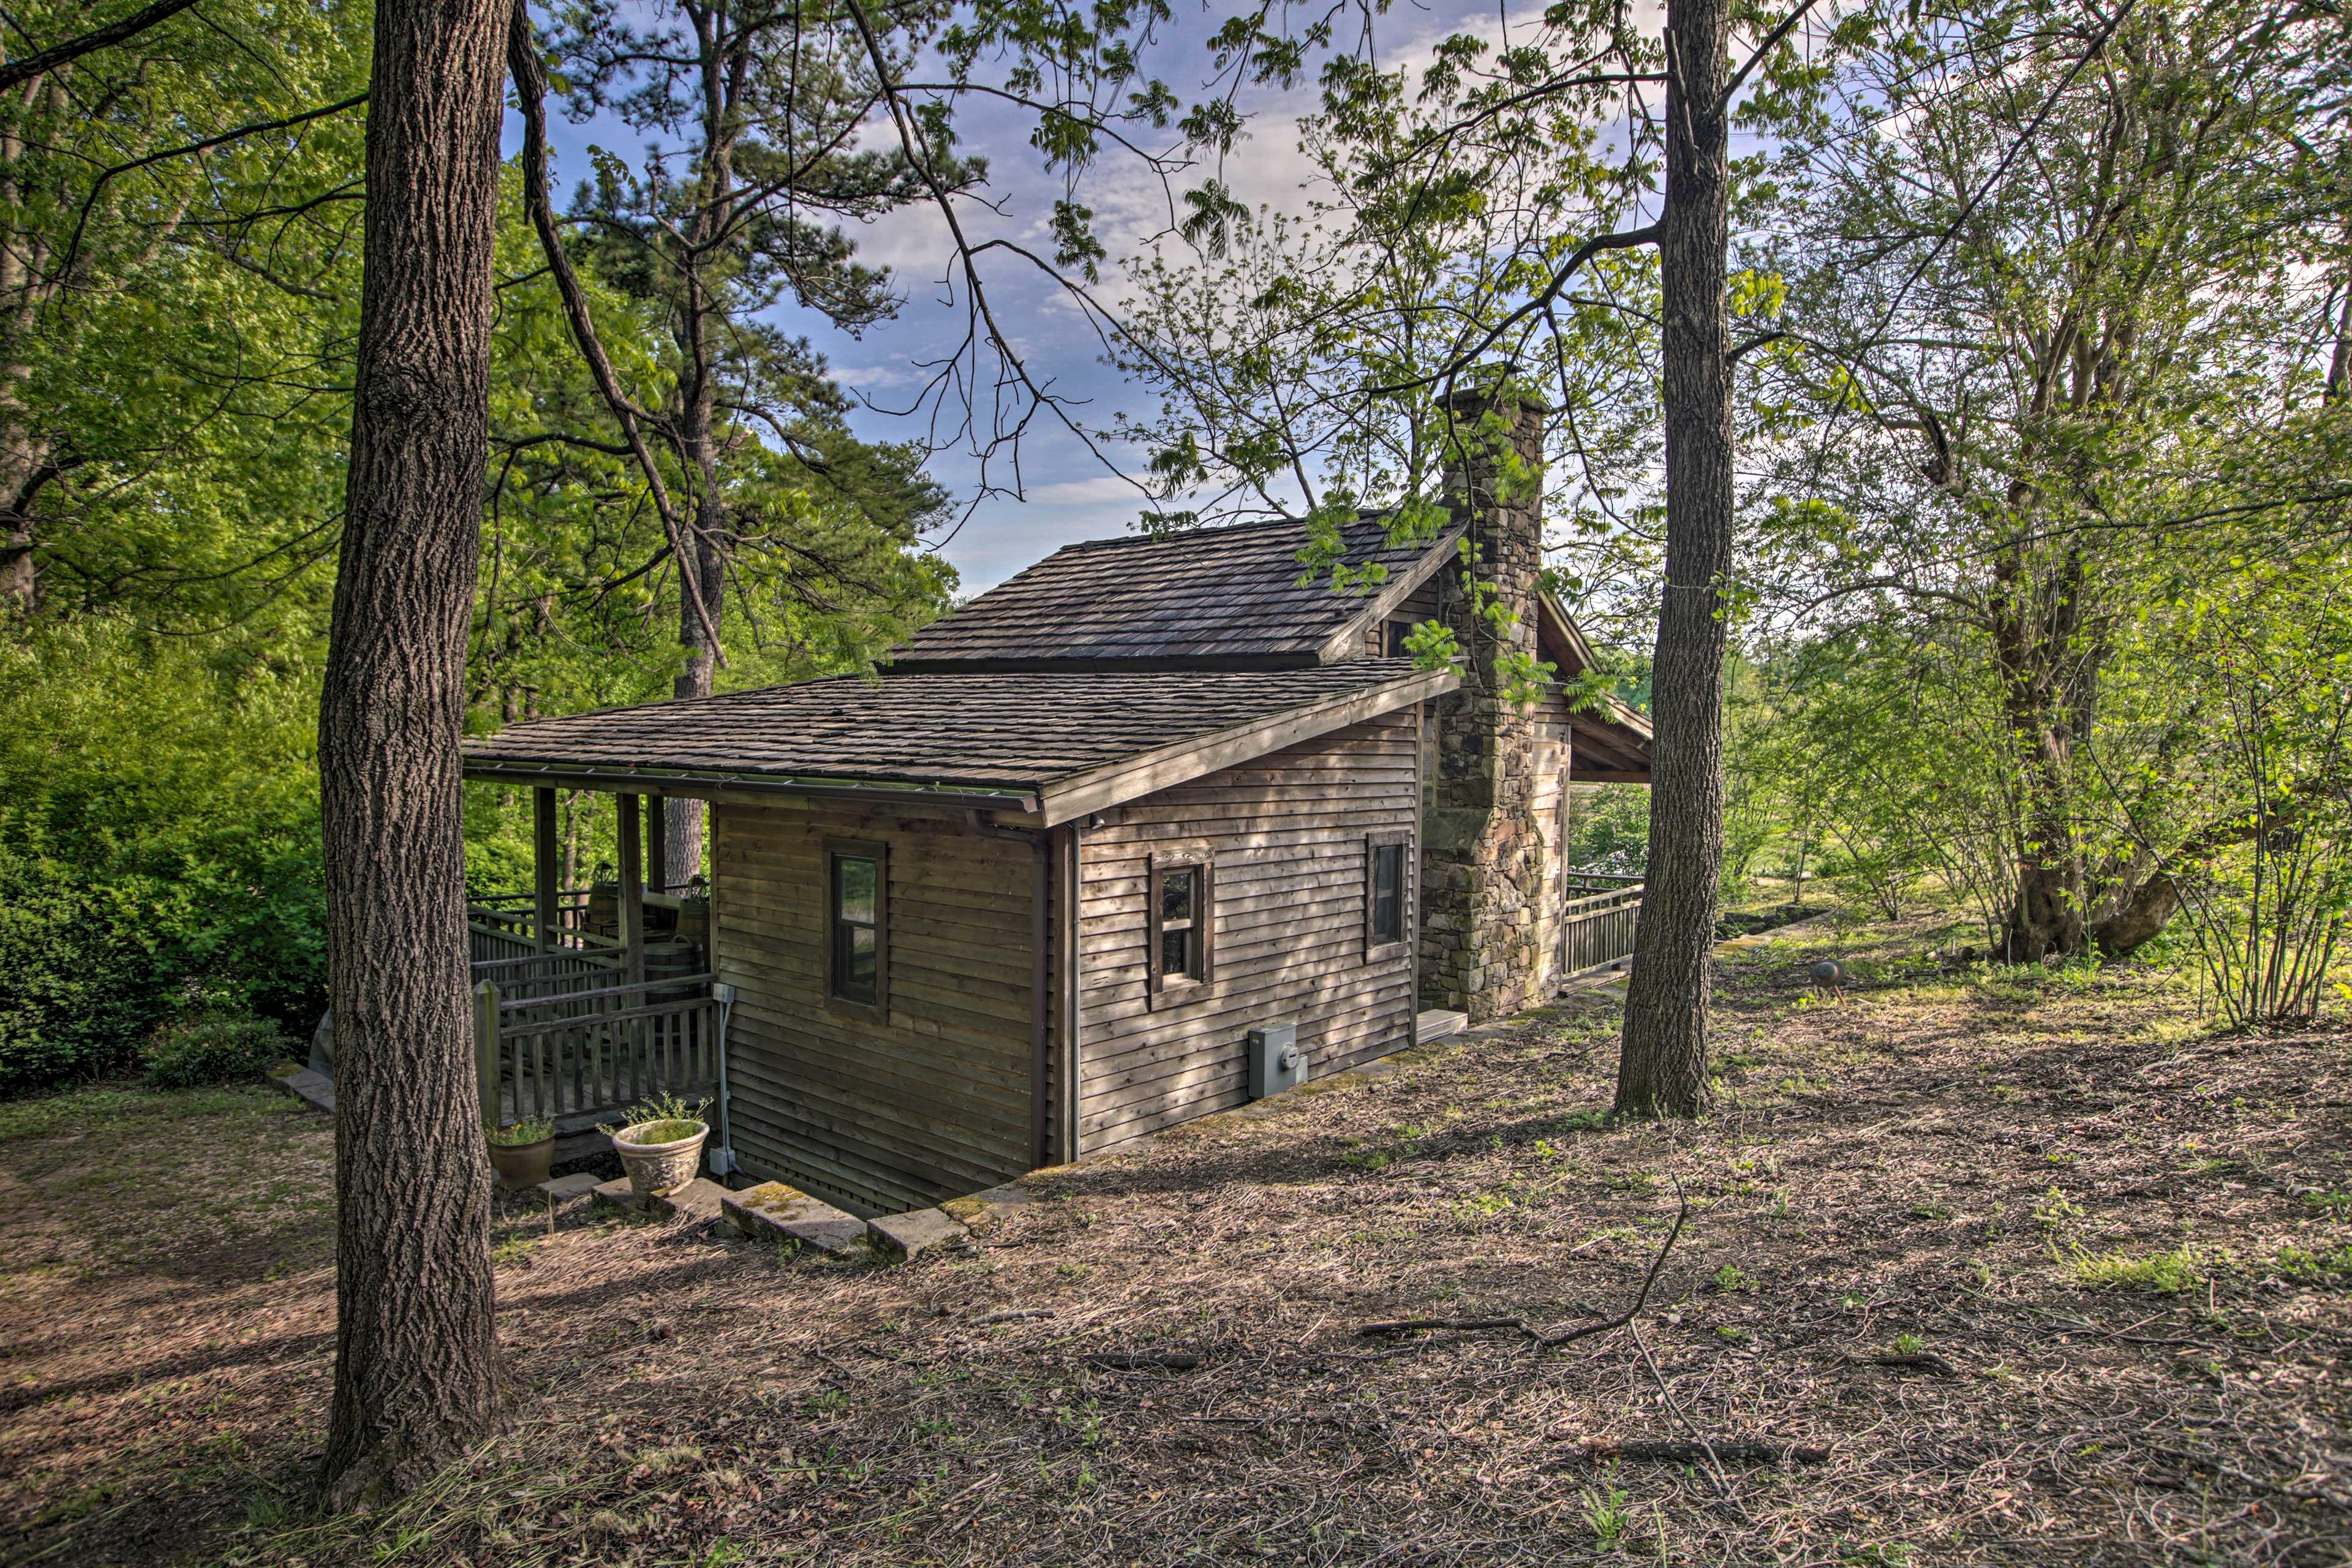 Cabin Exterior | Built in 1870